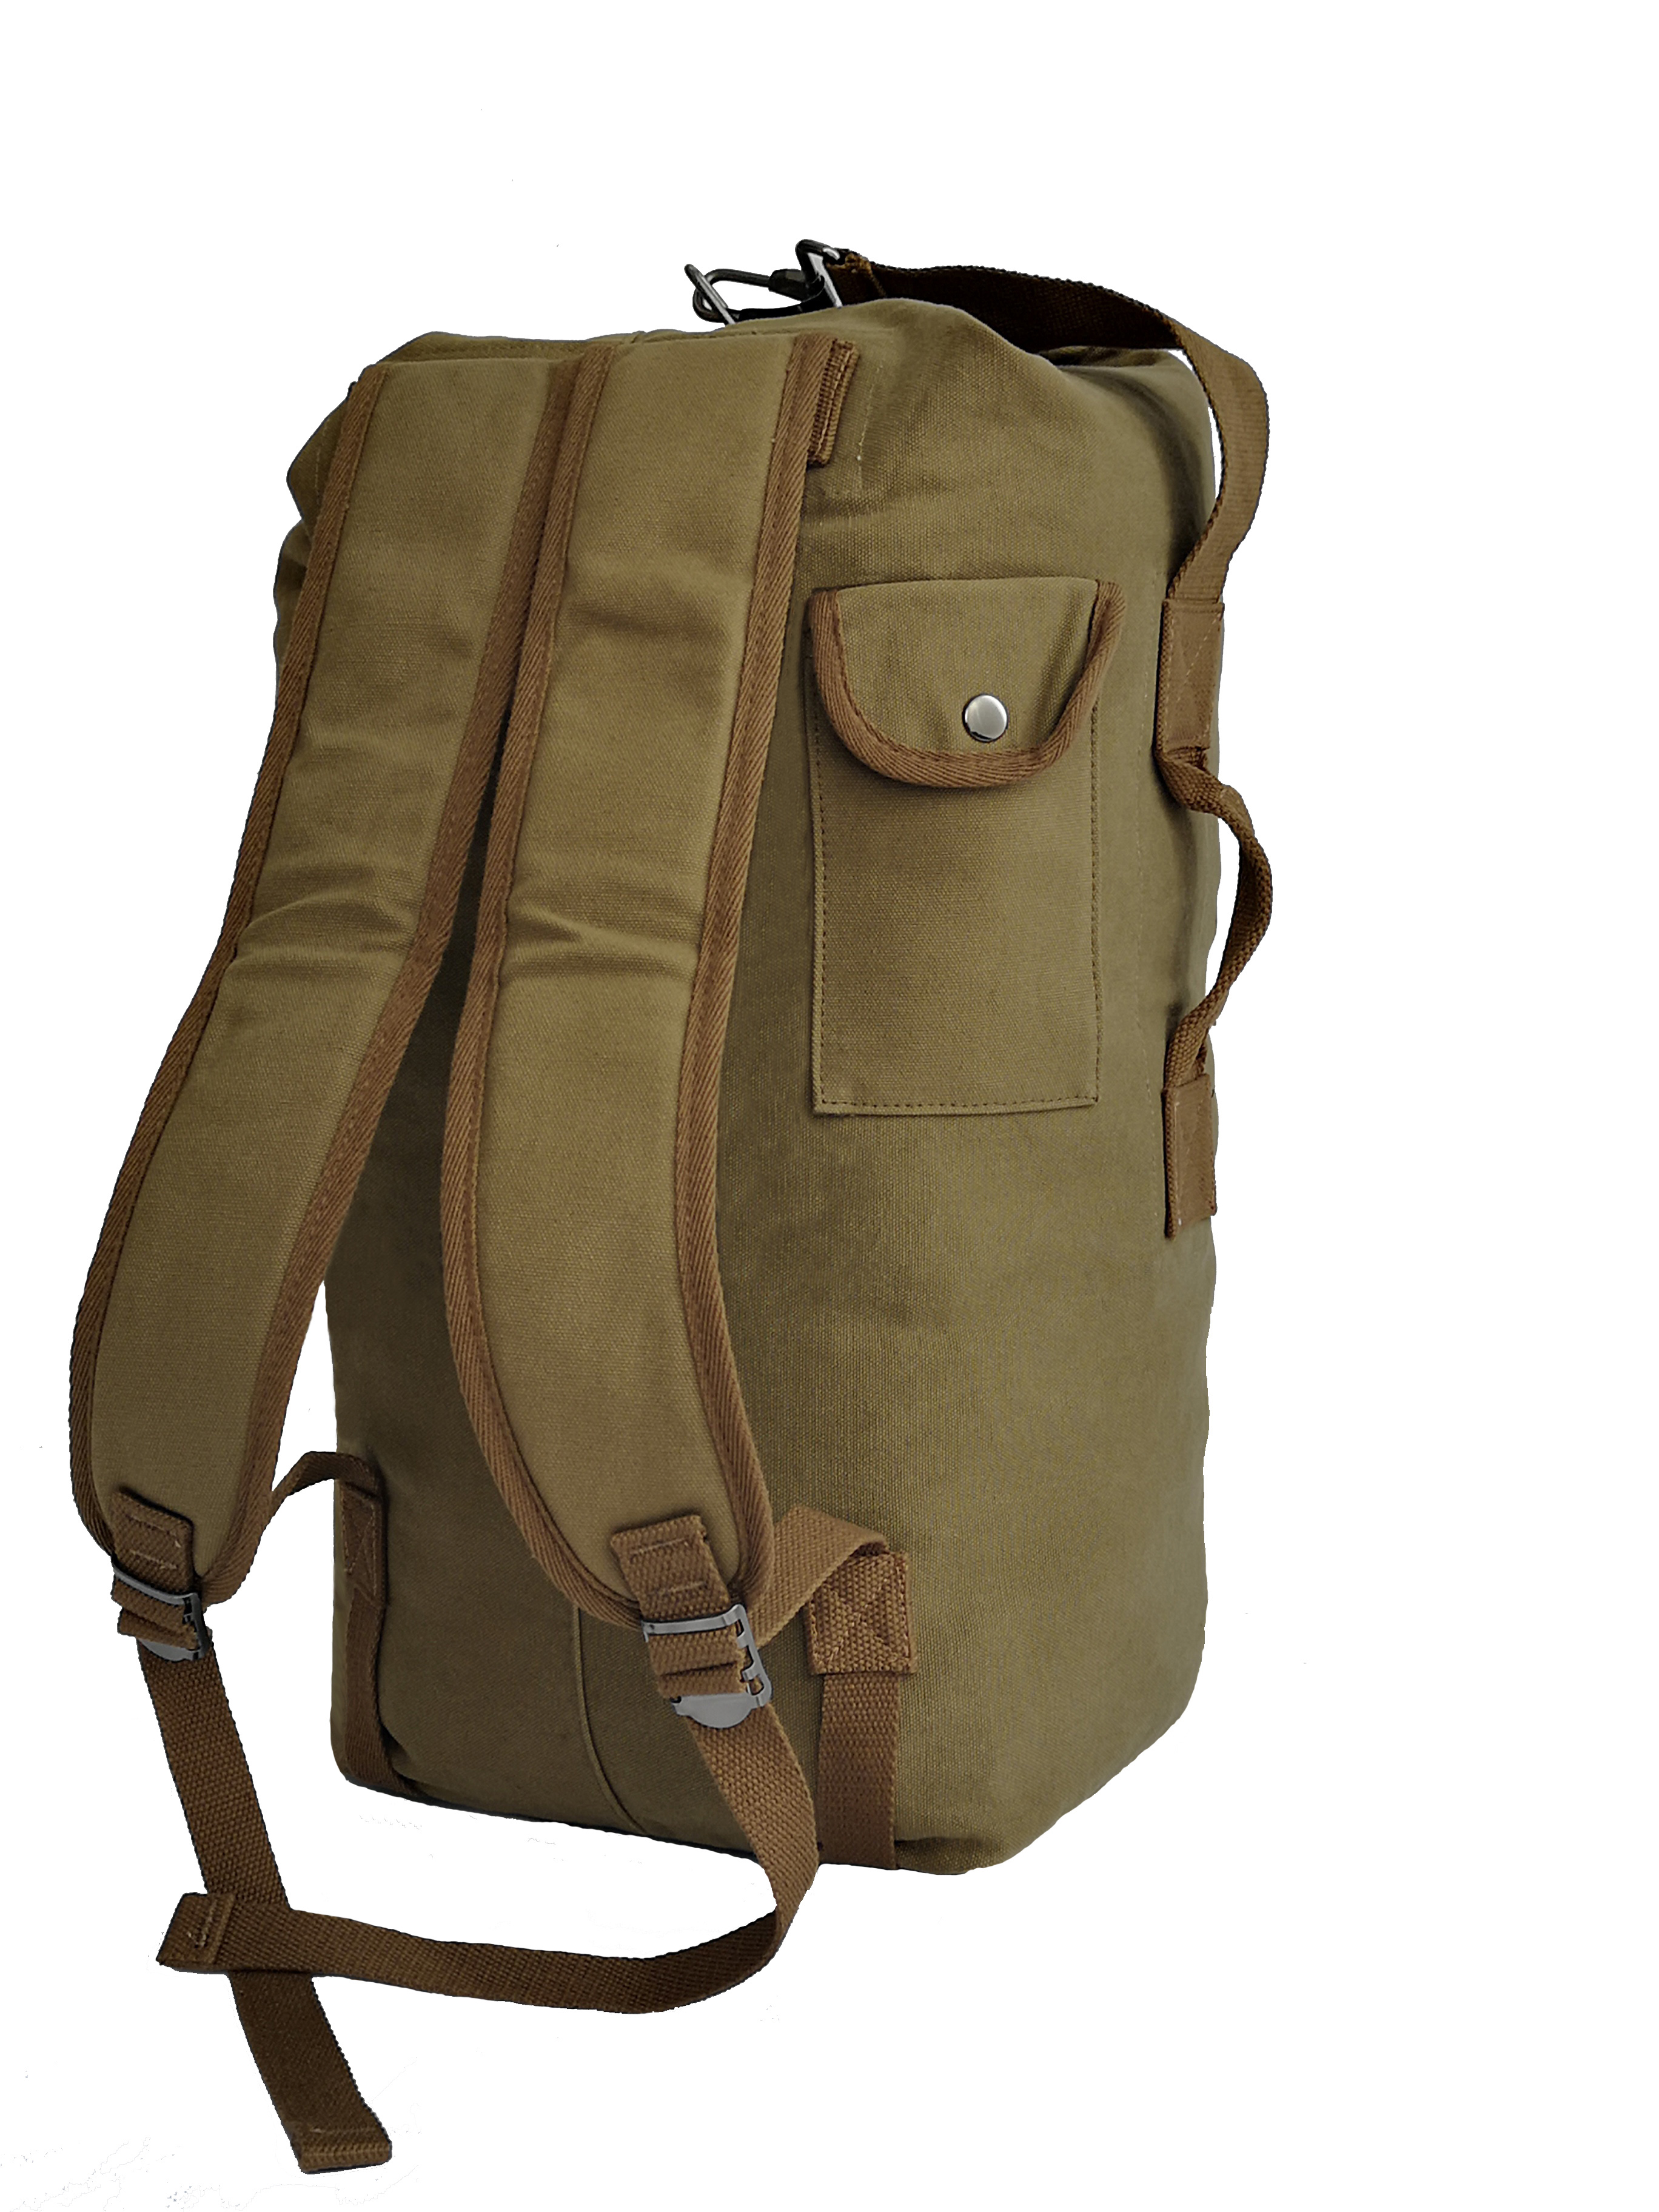 1869.23руб. 30% СКИДКА|DB26 KAKA, холщовые рюкзаки из чистого хлопка, большой рюкзак, вещевые сумки, сумки ковши на заказ, школьные рюкзаки Mochila Escolar-in Дорожные сумки from Багаж и сумки on AliExpress - 11.11_Double 11_Singles' Day - Все по плечу